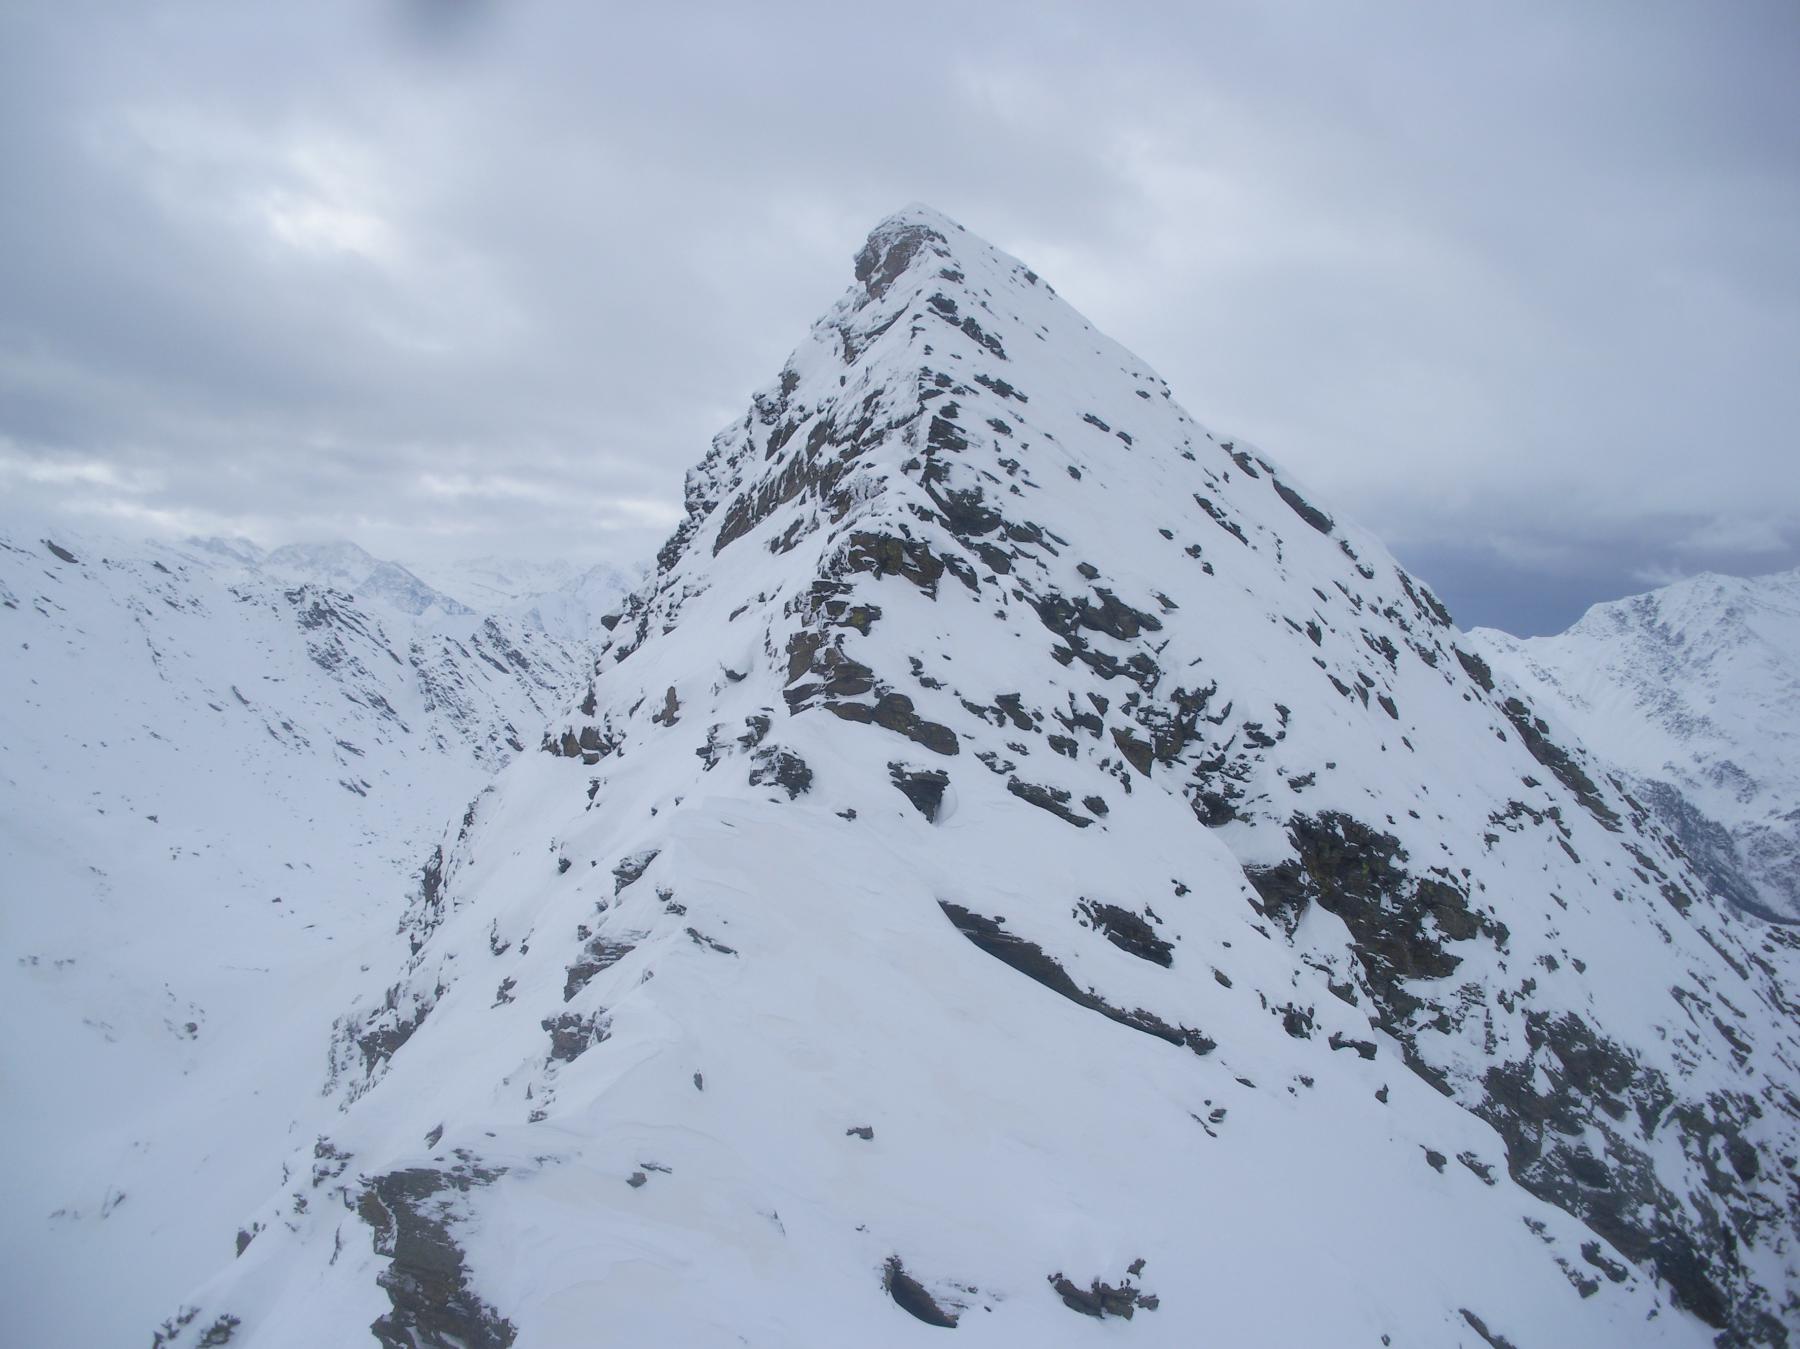 La svettante punta Founset dal colletto all'inizio della cresta alla P.Bruta..